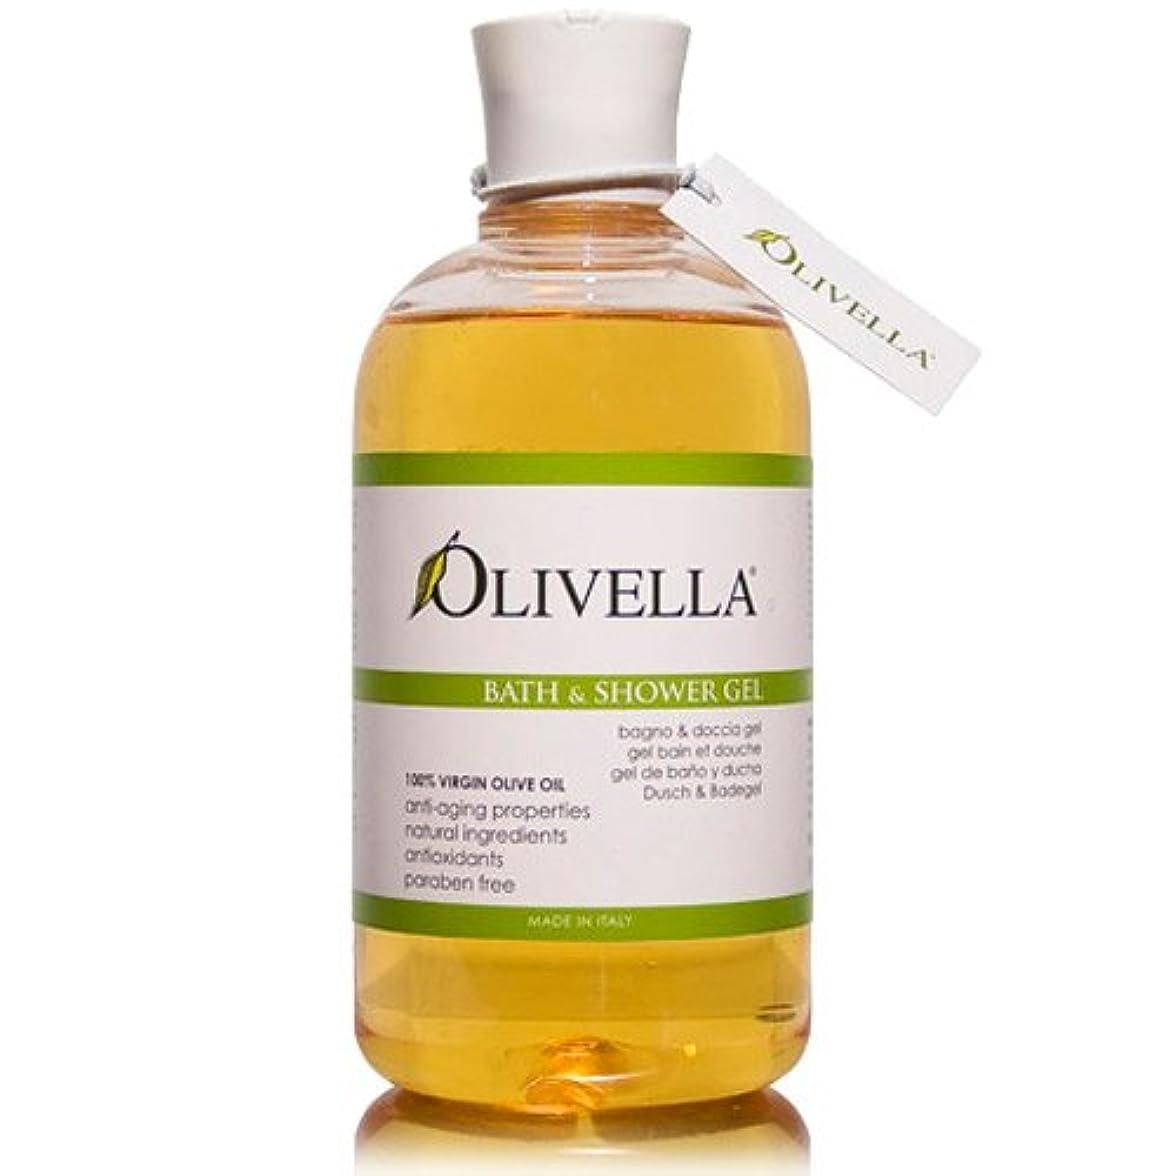 熱意系統的顕現Olivella Olive Oil Bath & Shower Gel Original/Classic 16.9 oz. / 500 ml (並行輸入品)